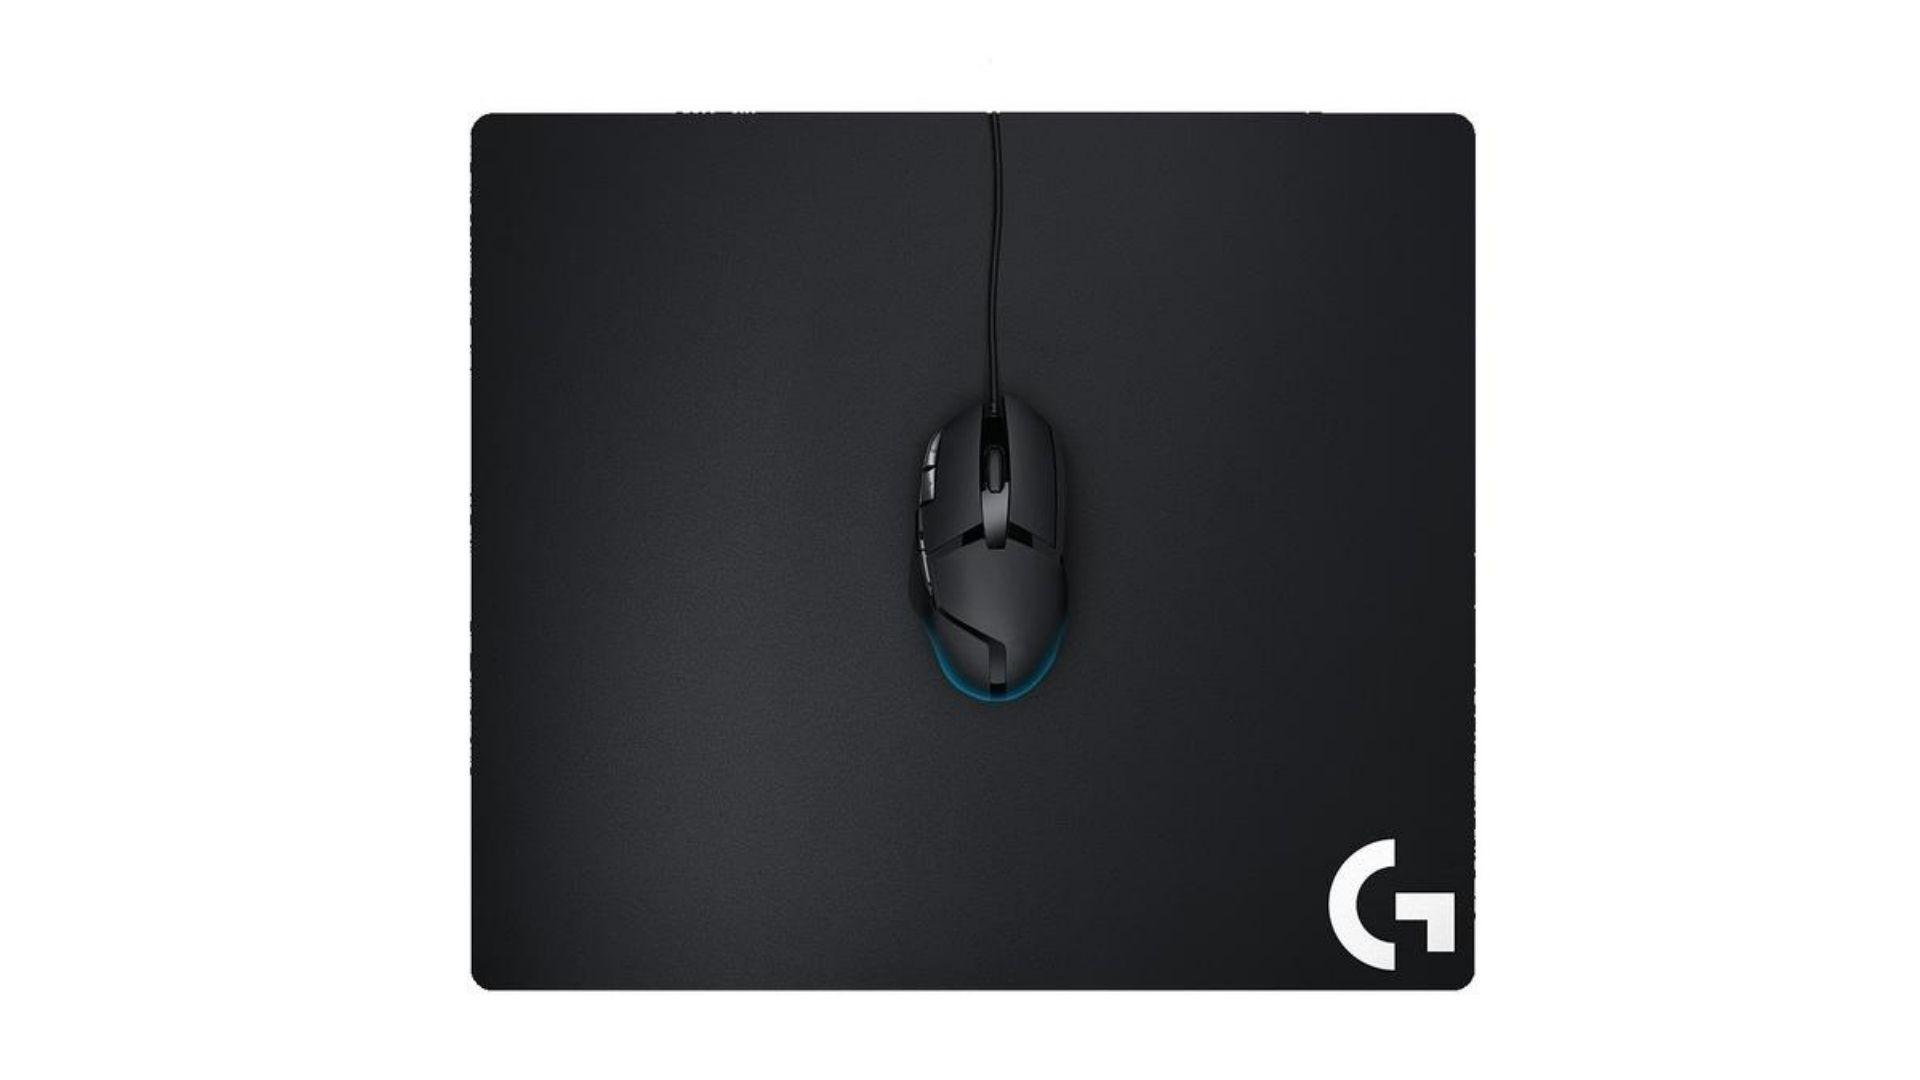 Mousepad Logitech G640 Gamer preto e mouse preto em fundo branco